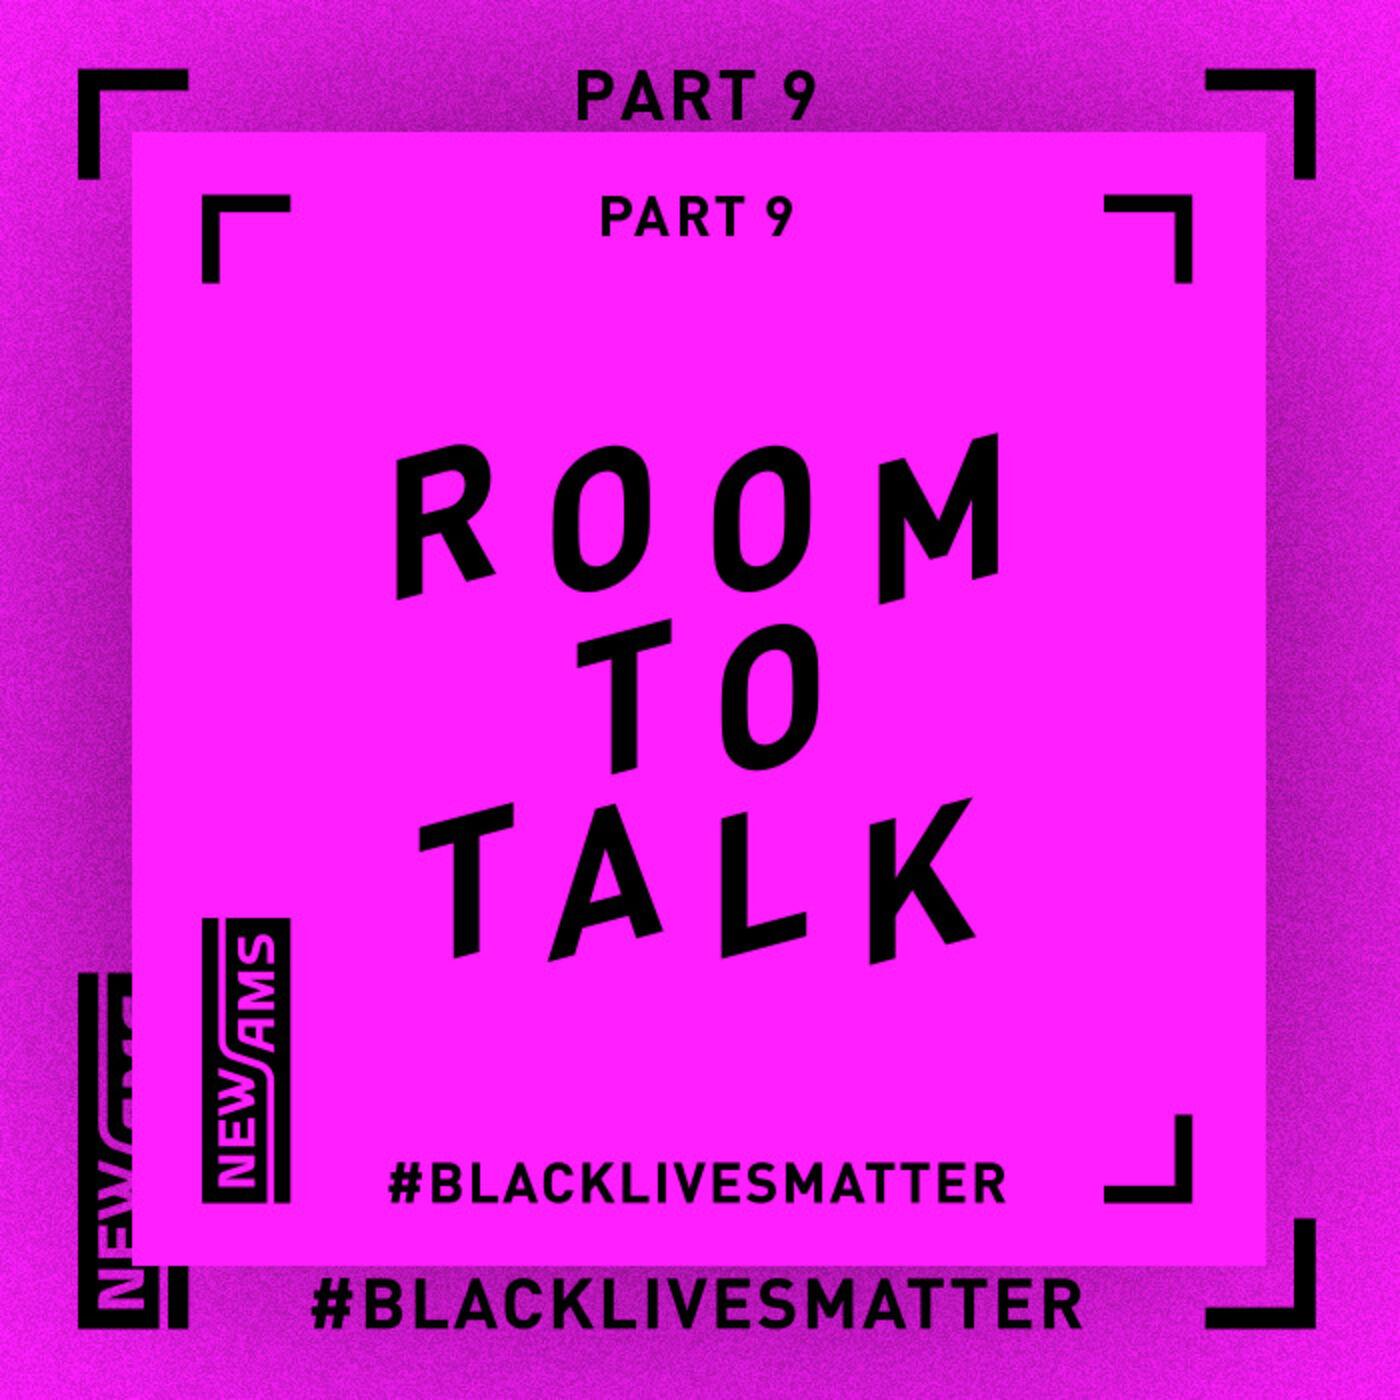 Room to Talk: Black Lives Matter Part 9